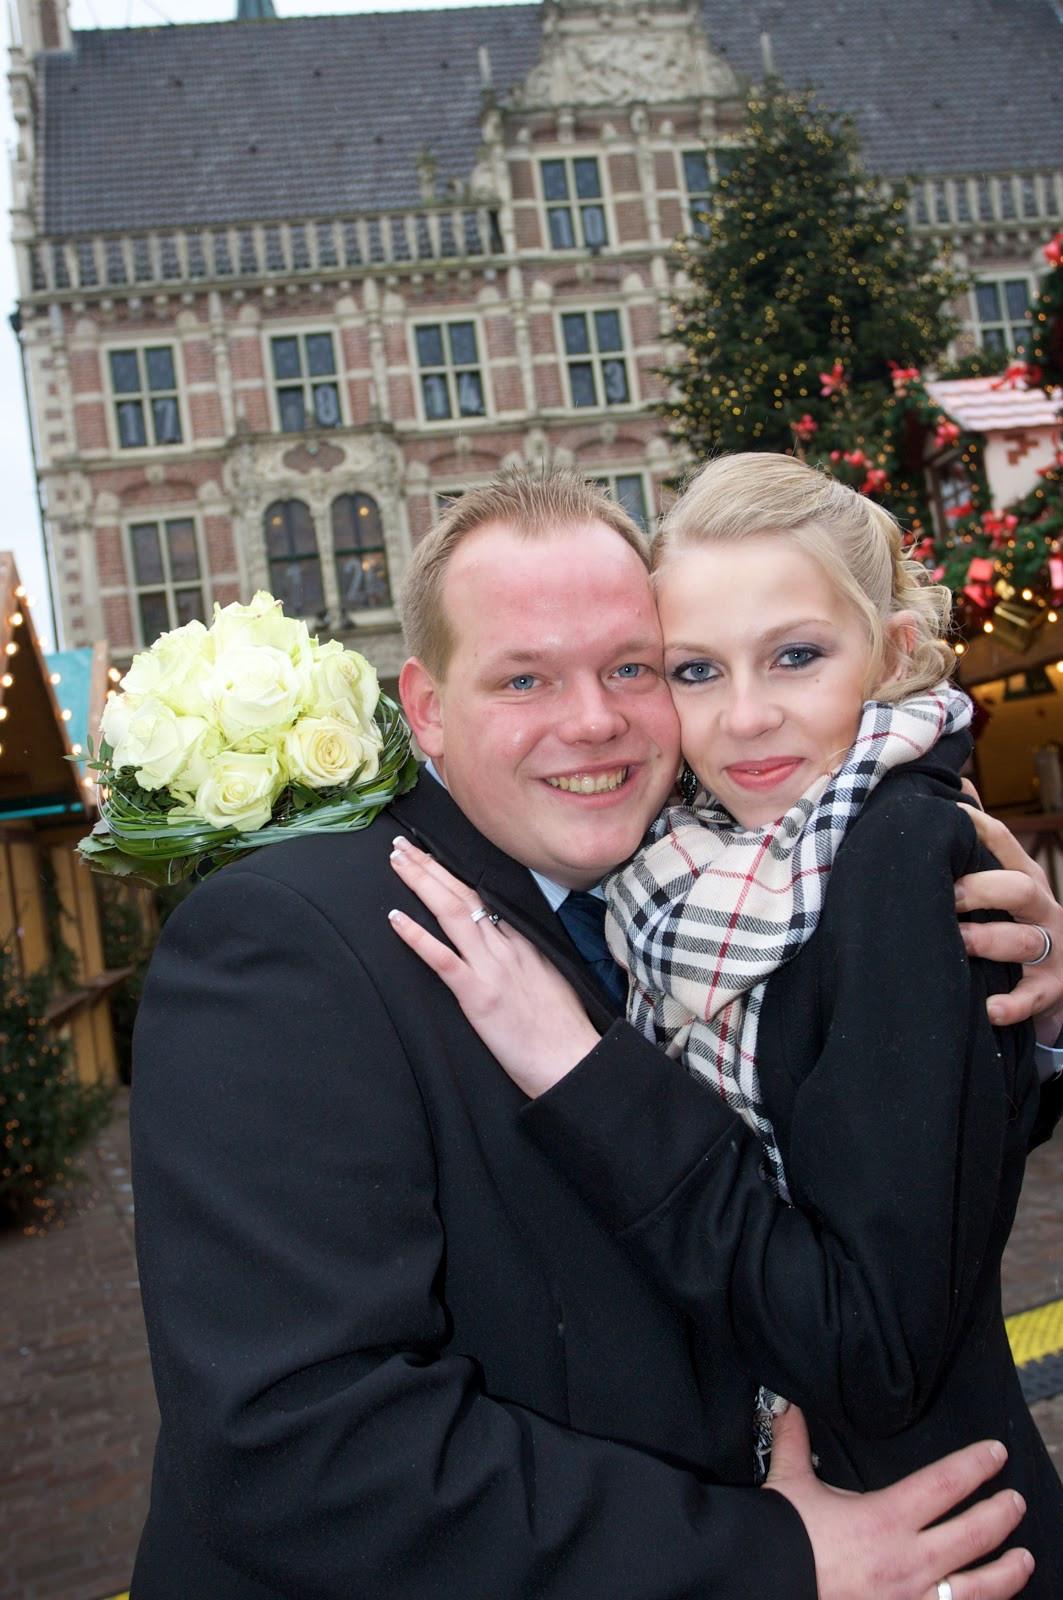 Lederne Hochzeit  cara mia Lederne Hochzeit Accessoires für den Liebsten